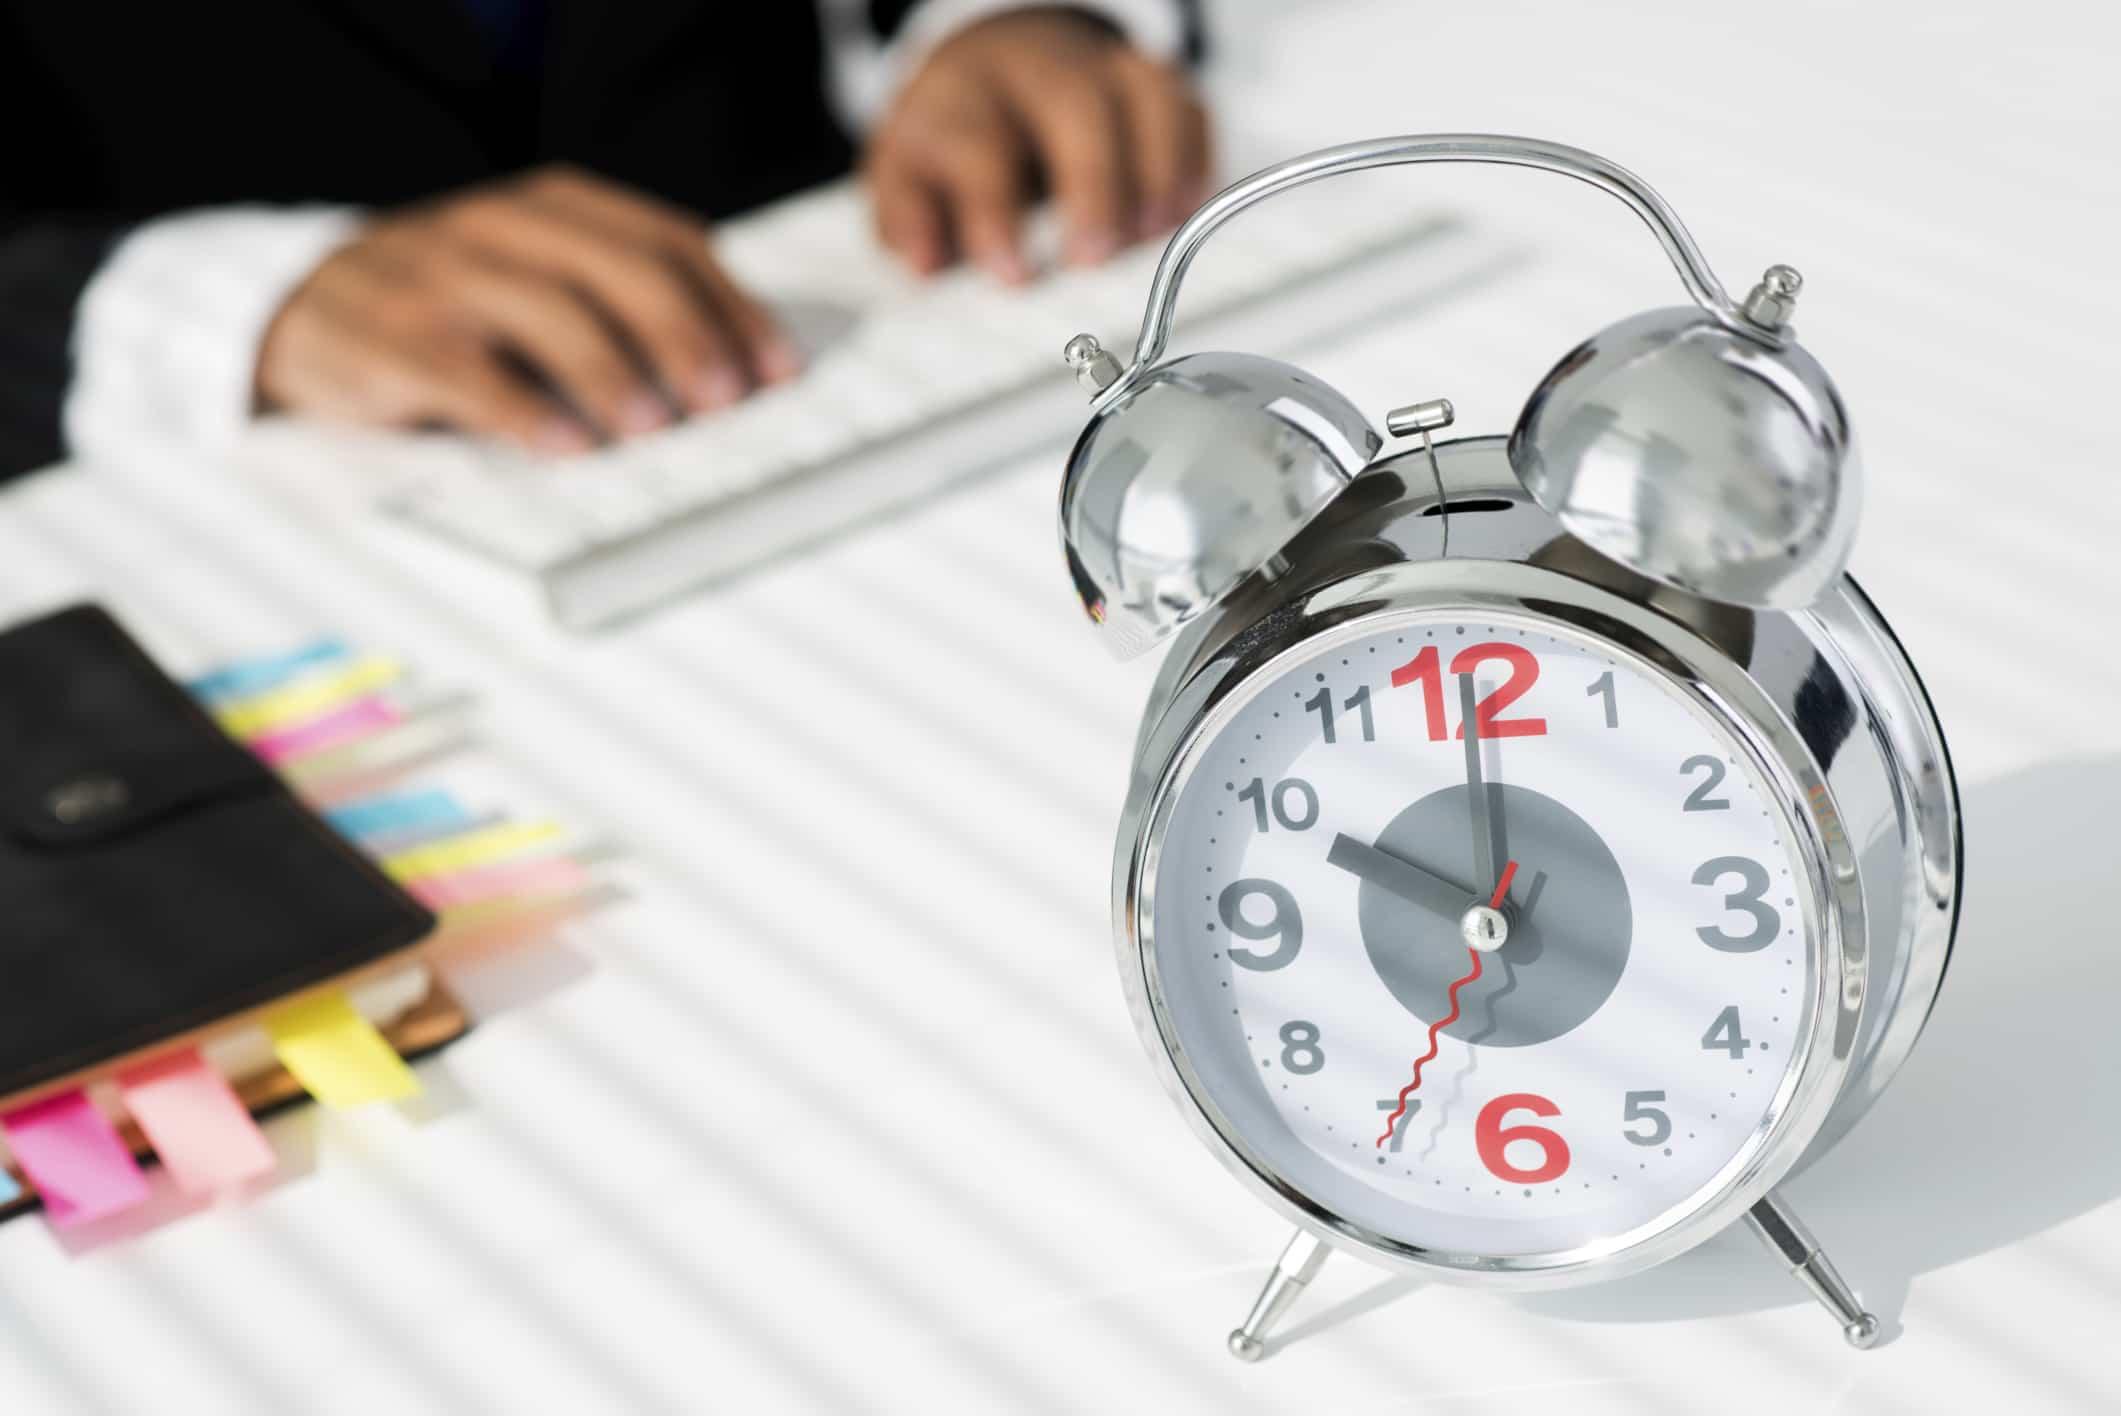 Сколько дней можно вять отгулов на работе по закону